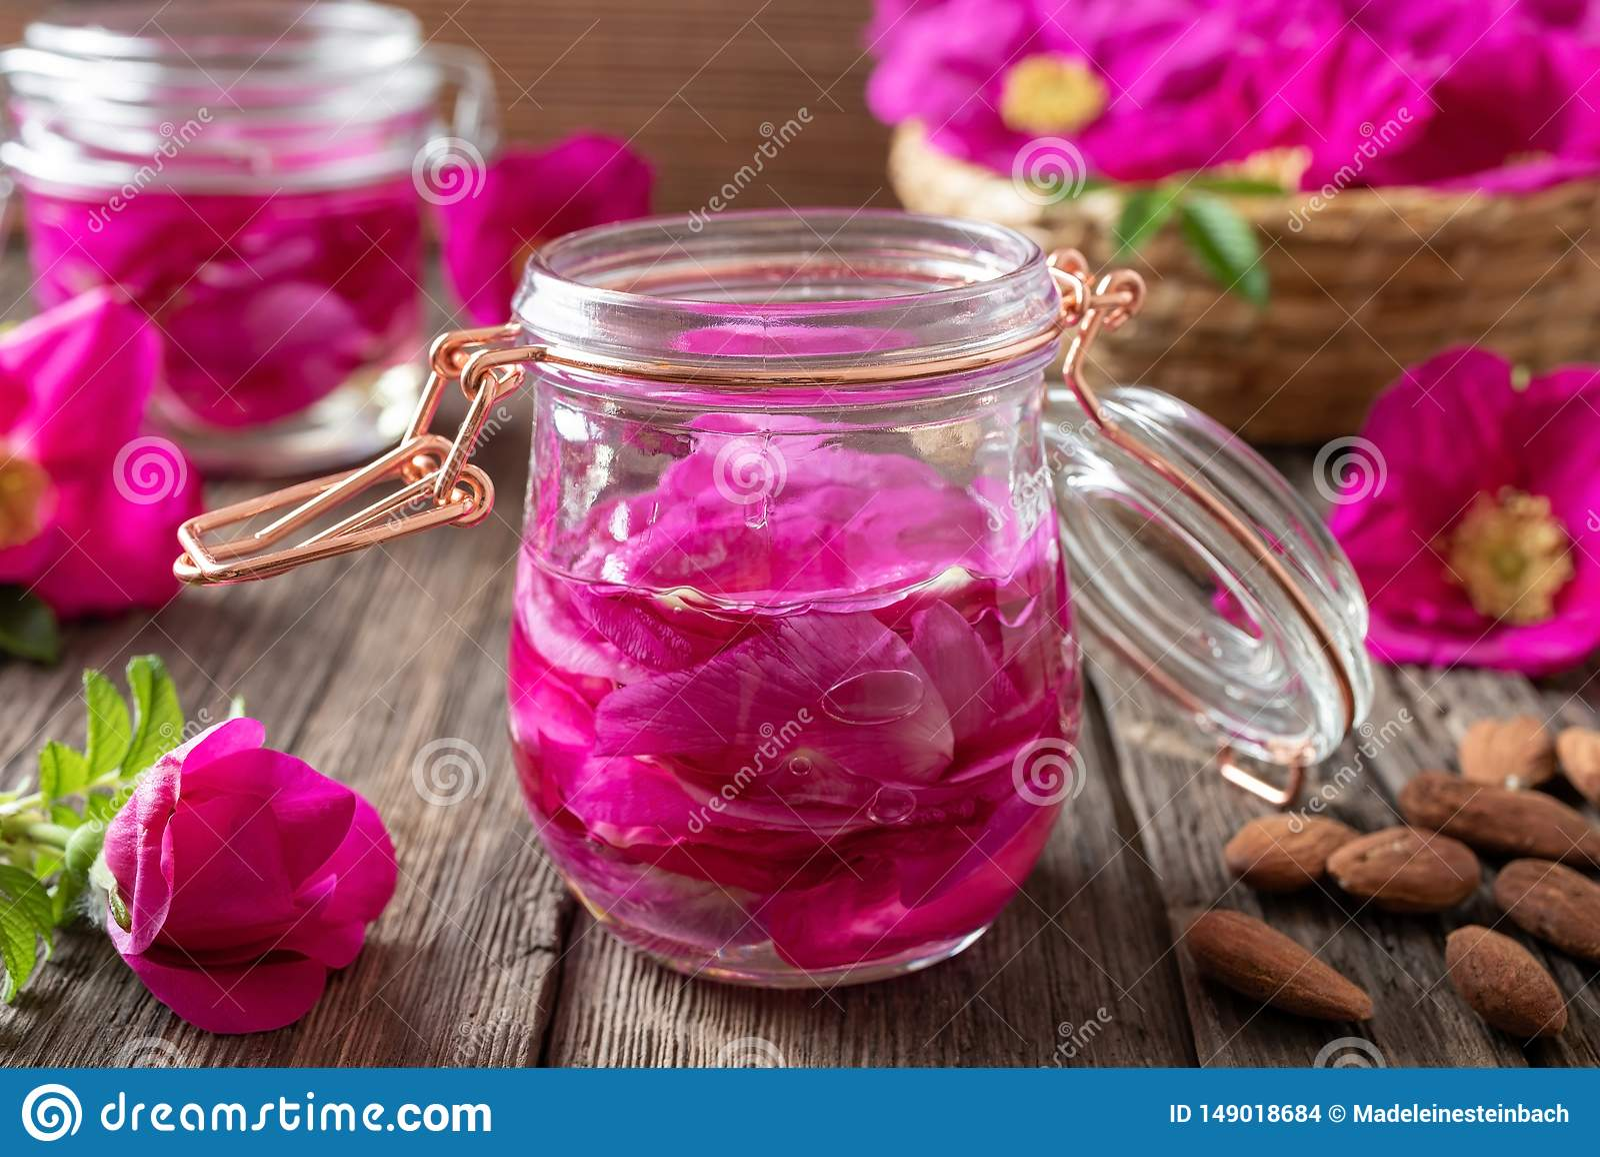 Лепестки розы Rugosa вымачивая в миндальном масле